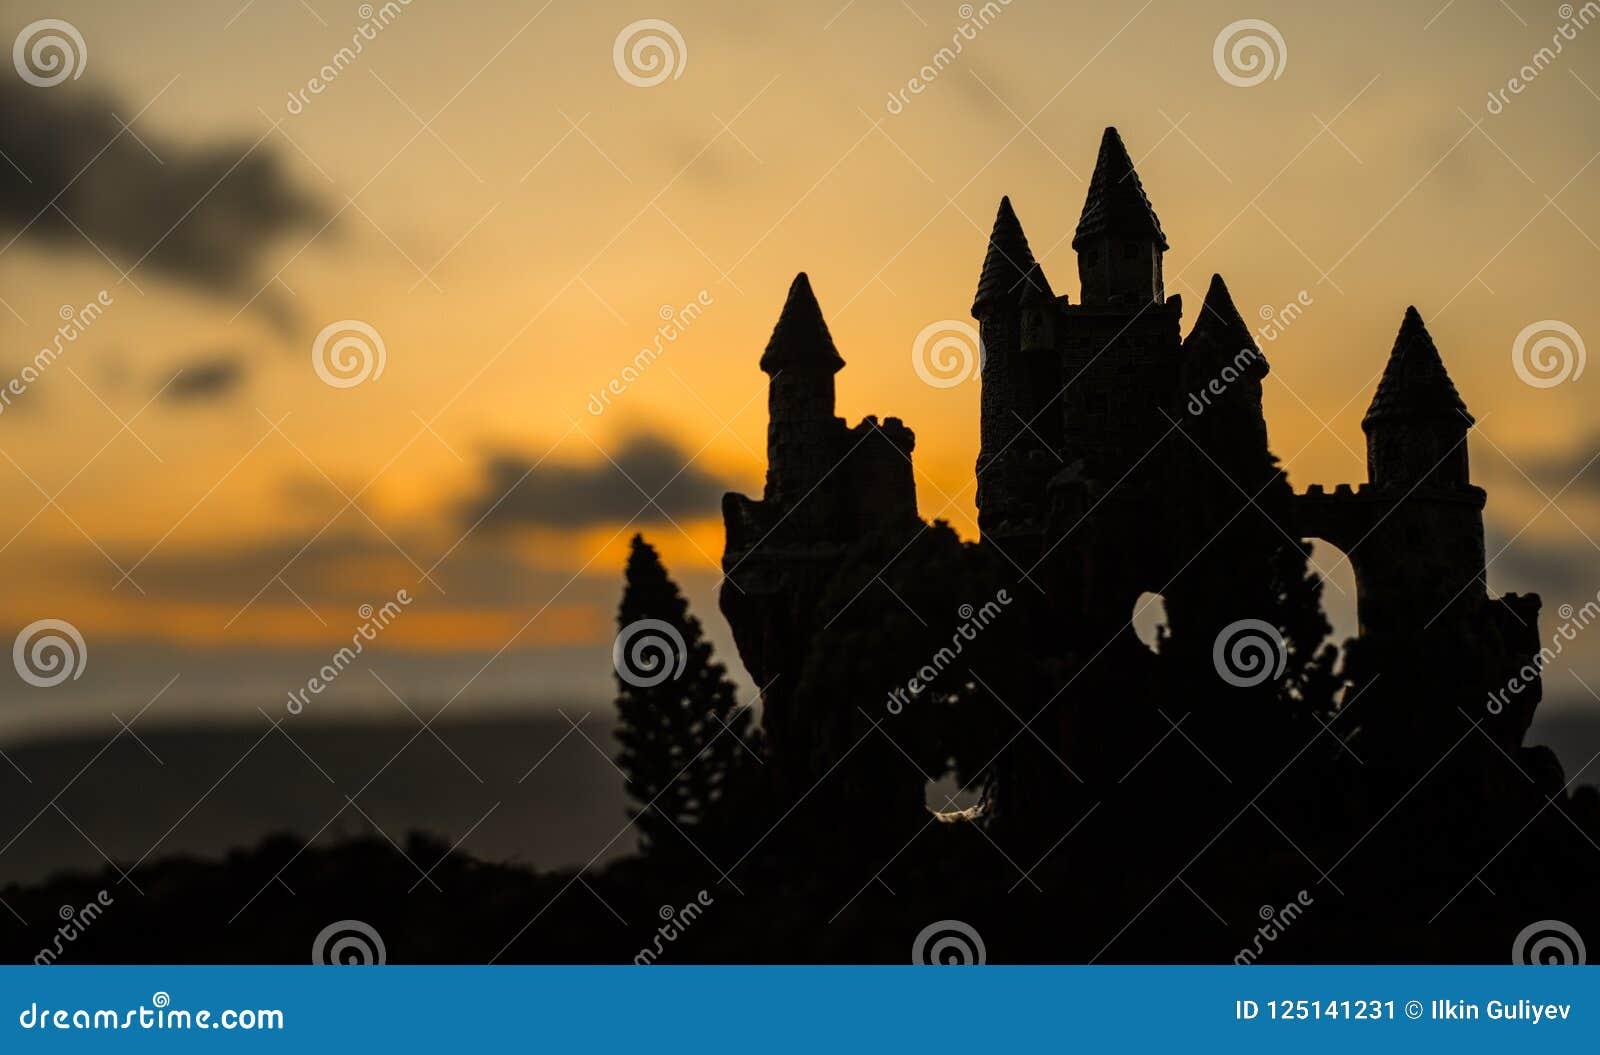 Castillo medieval misterioso en la puesta del sol Castillo viejo abandonado del estilo gótico en la tarde